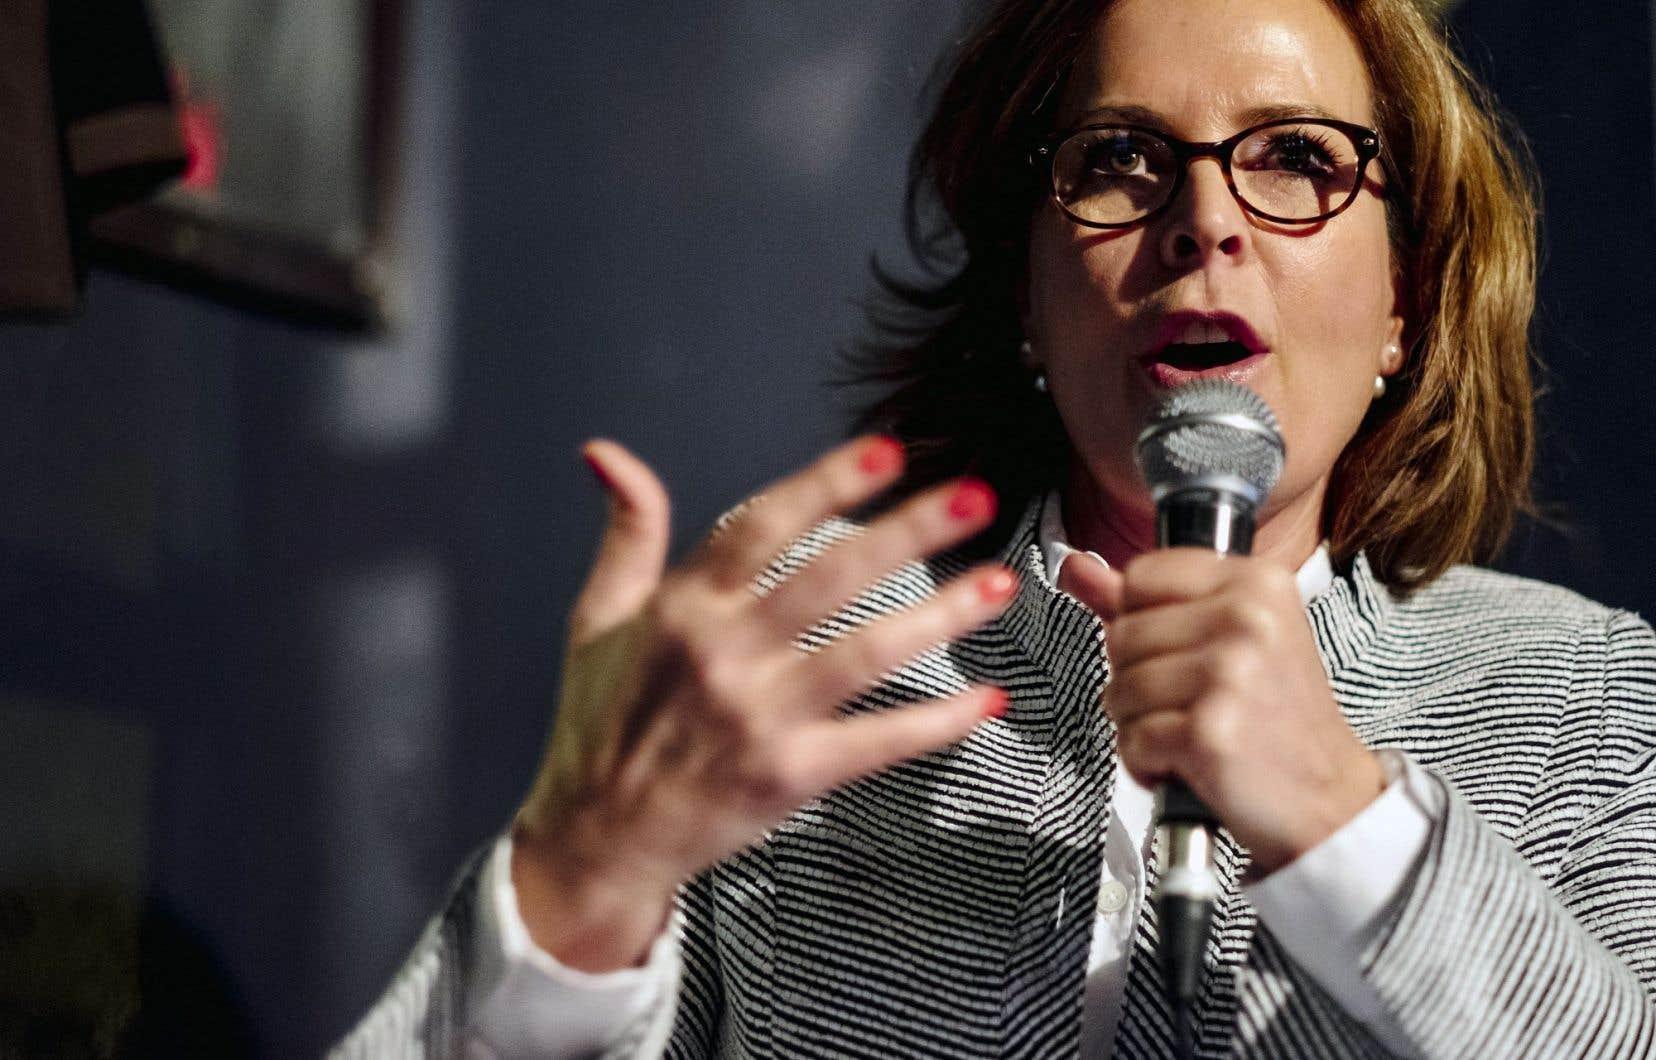 L'architecte Anne Guérette a été élue à la tête de Démocratie Québec. Ci-dessus, l'aspirante chef au débat du 11novembre de la course à la direction.